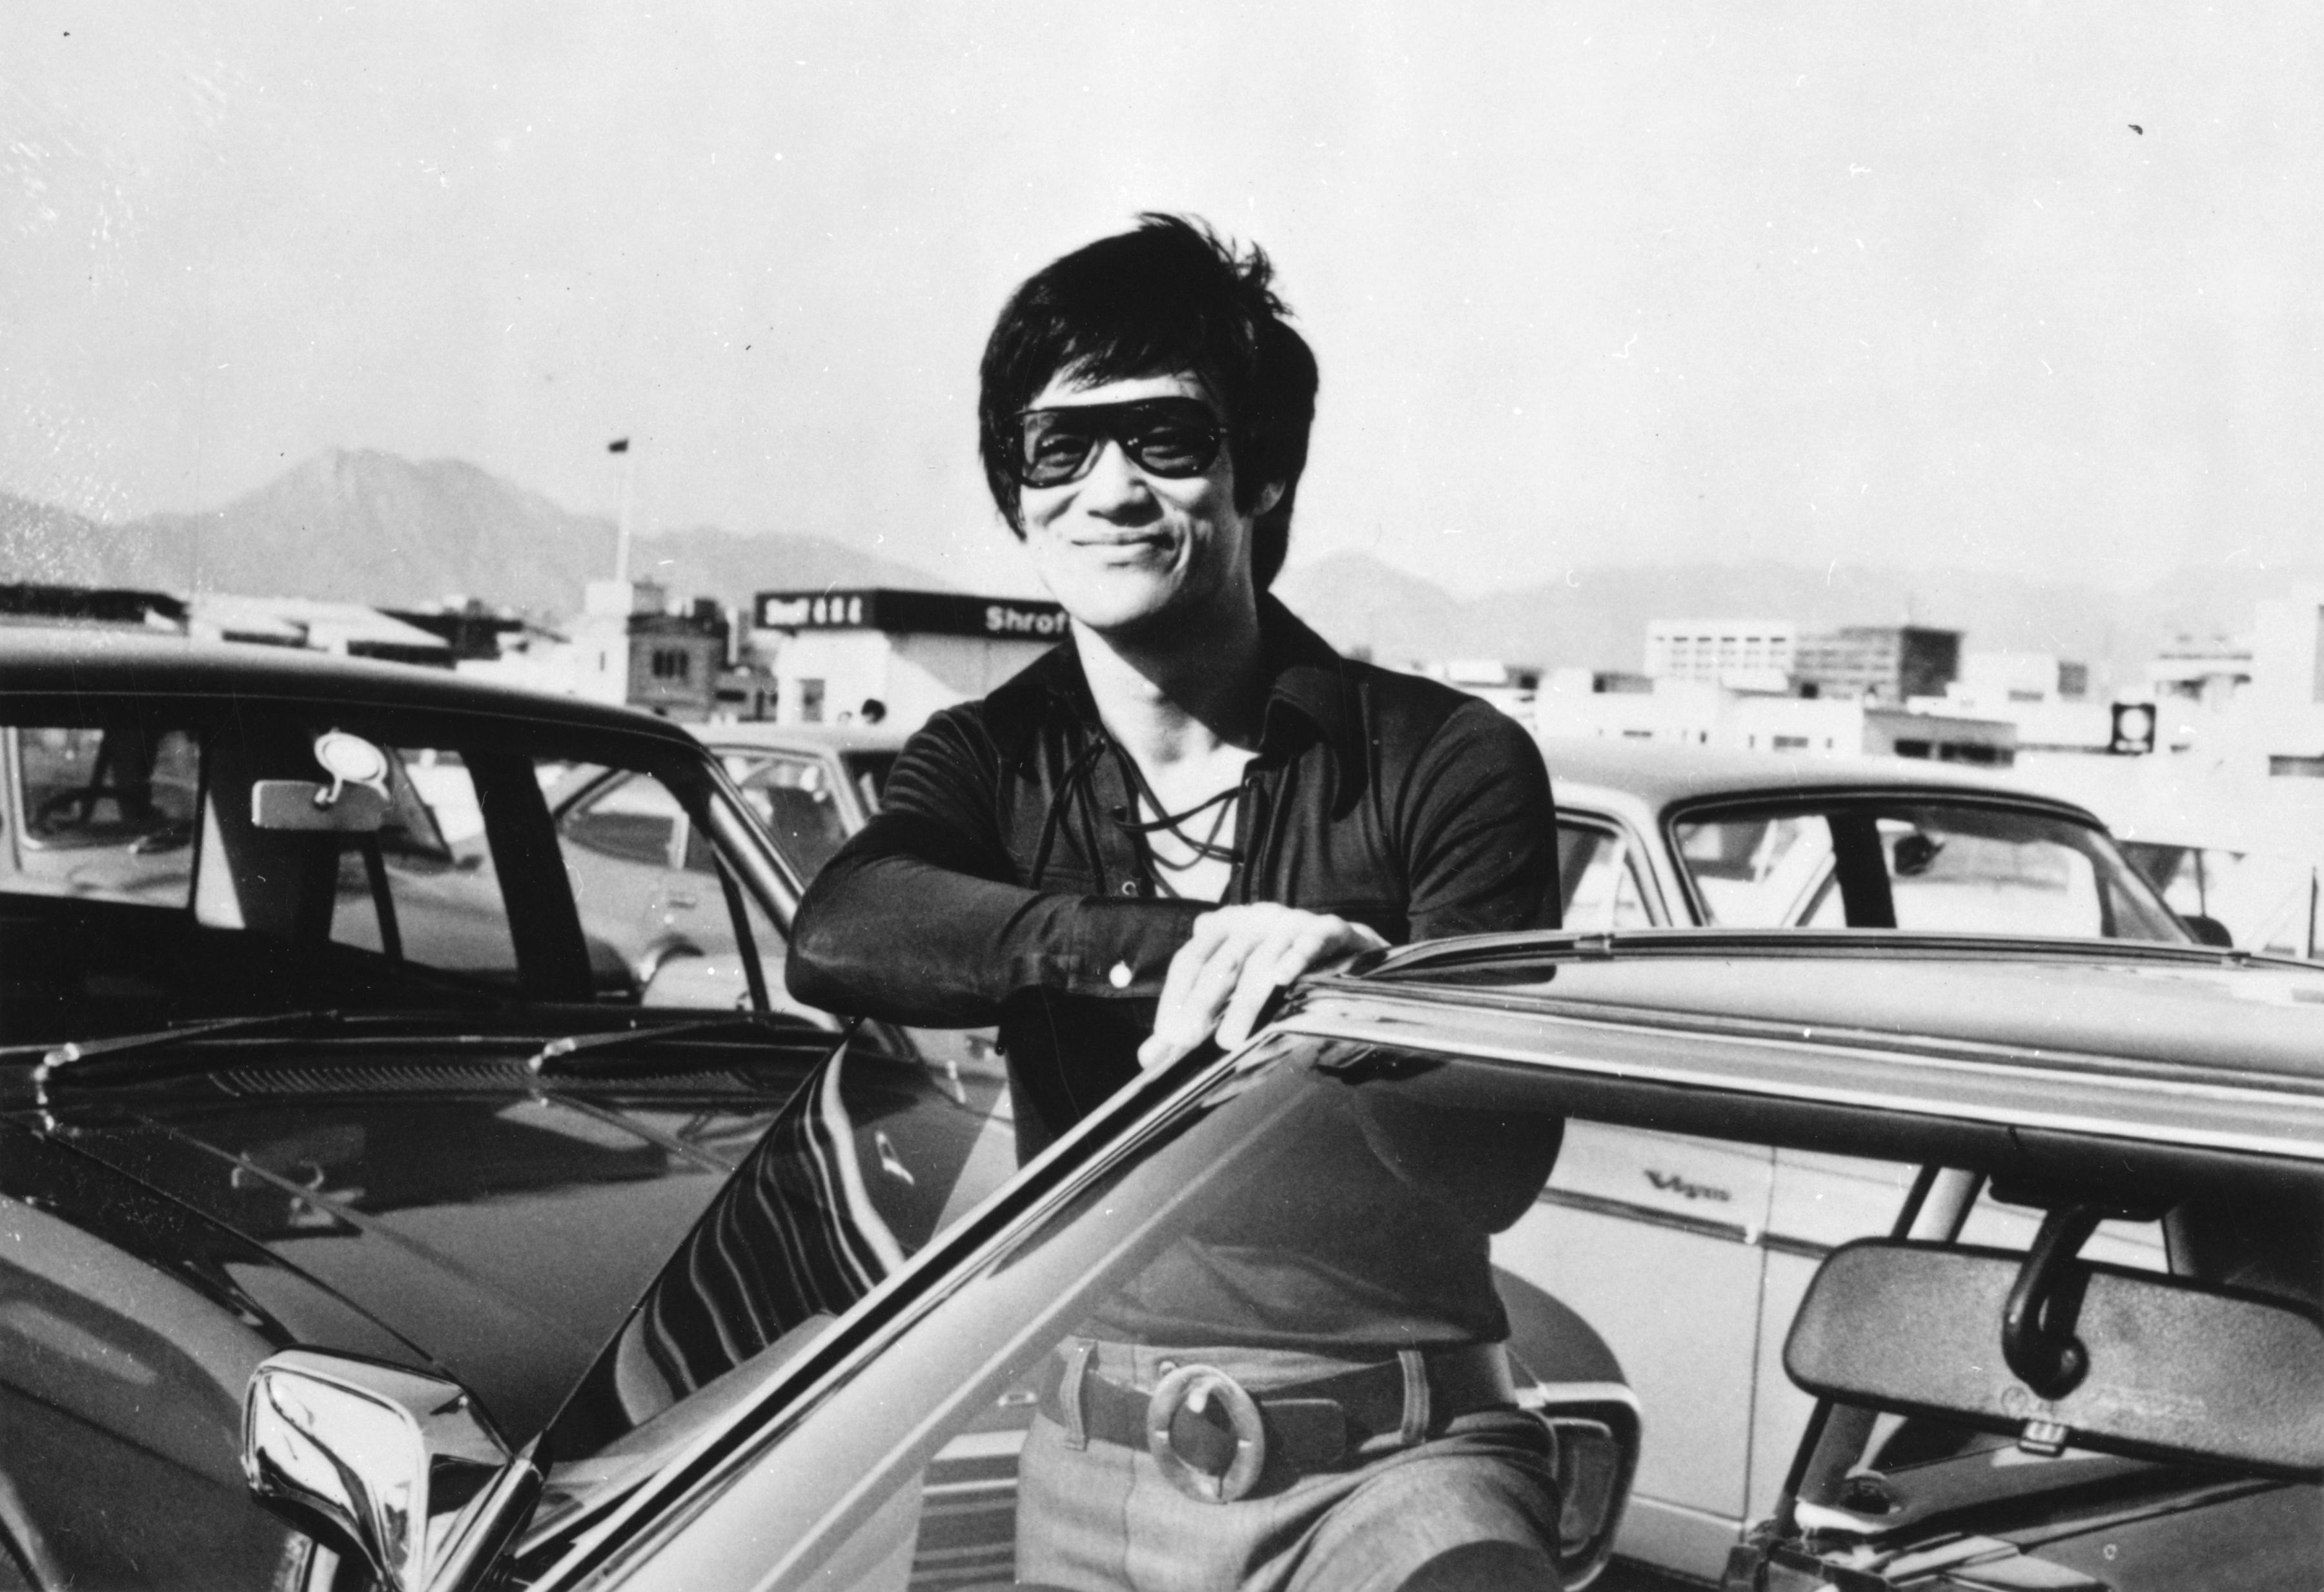 Bruce Lee pics #2